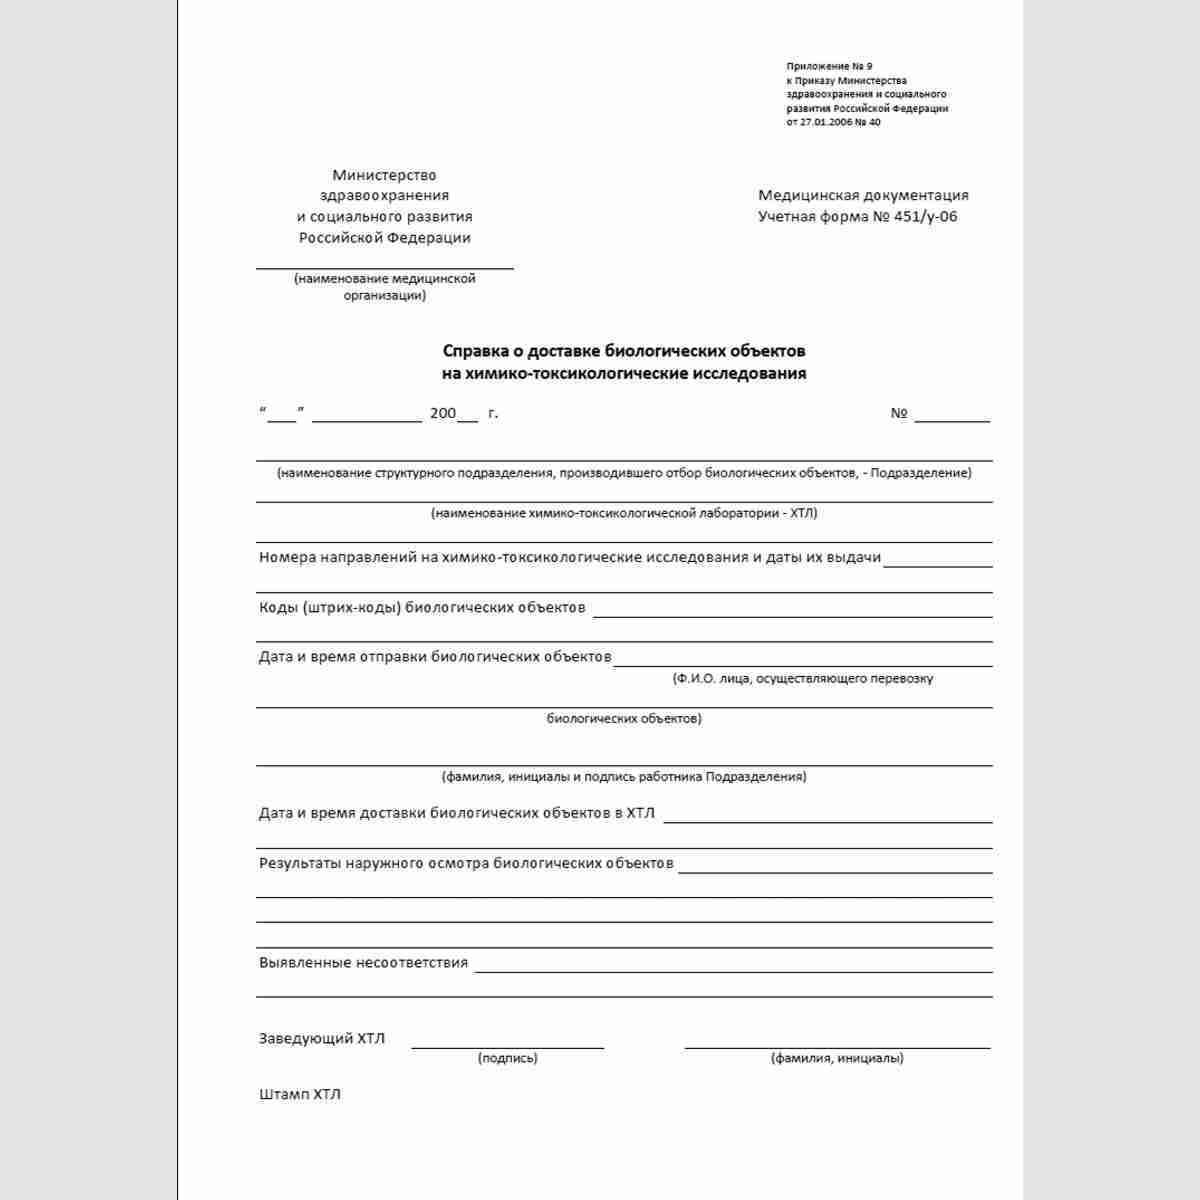 """Учетная форма №451/у-06 """"Справка о доставке биологических объектов на химико-токсикологические исследования"""""""